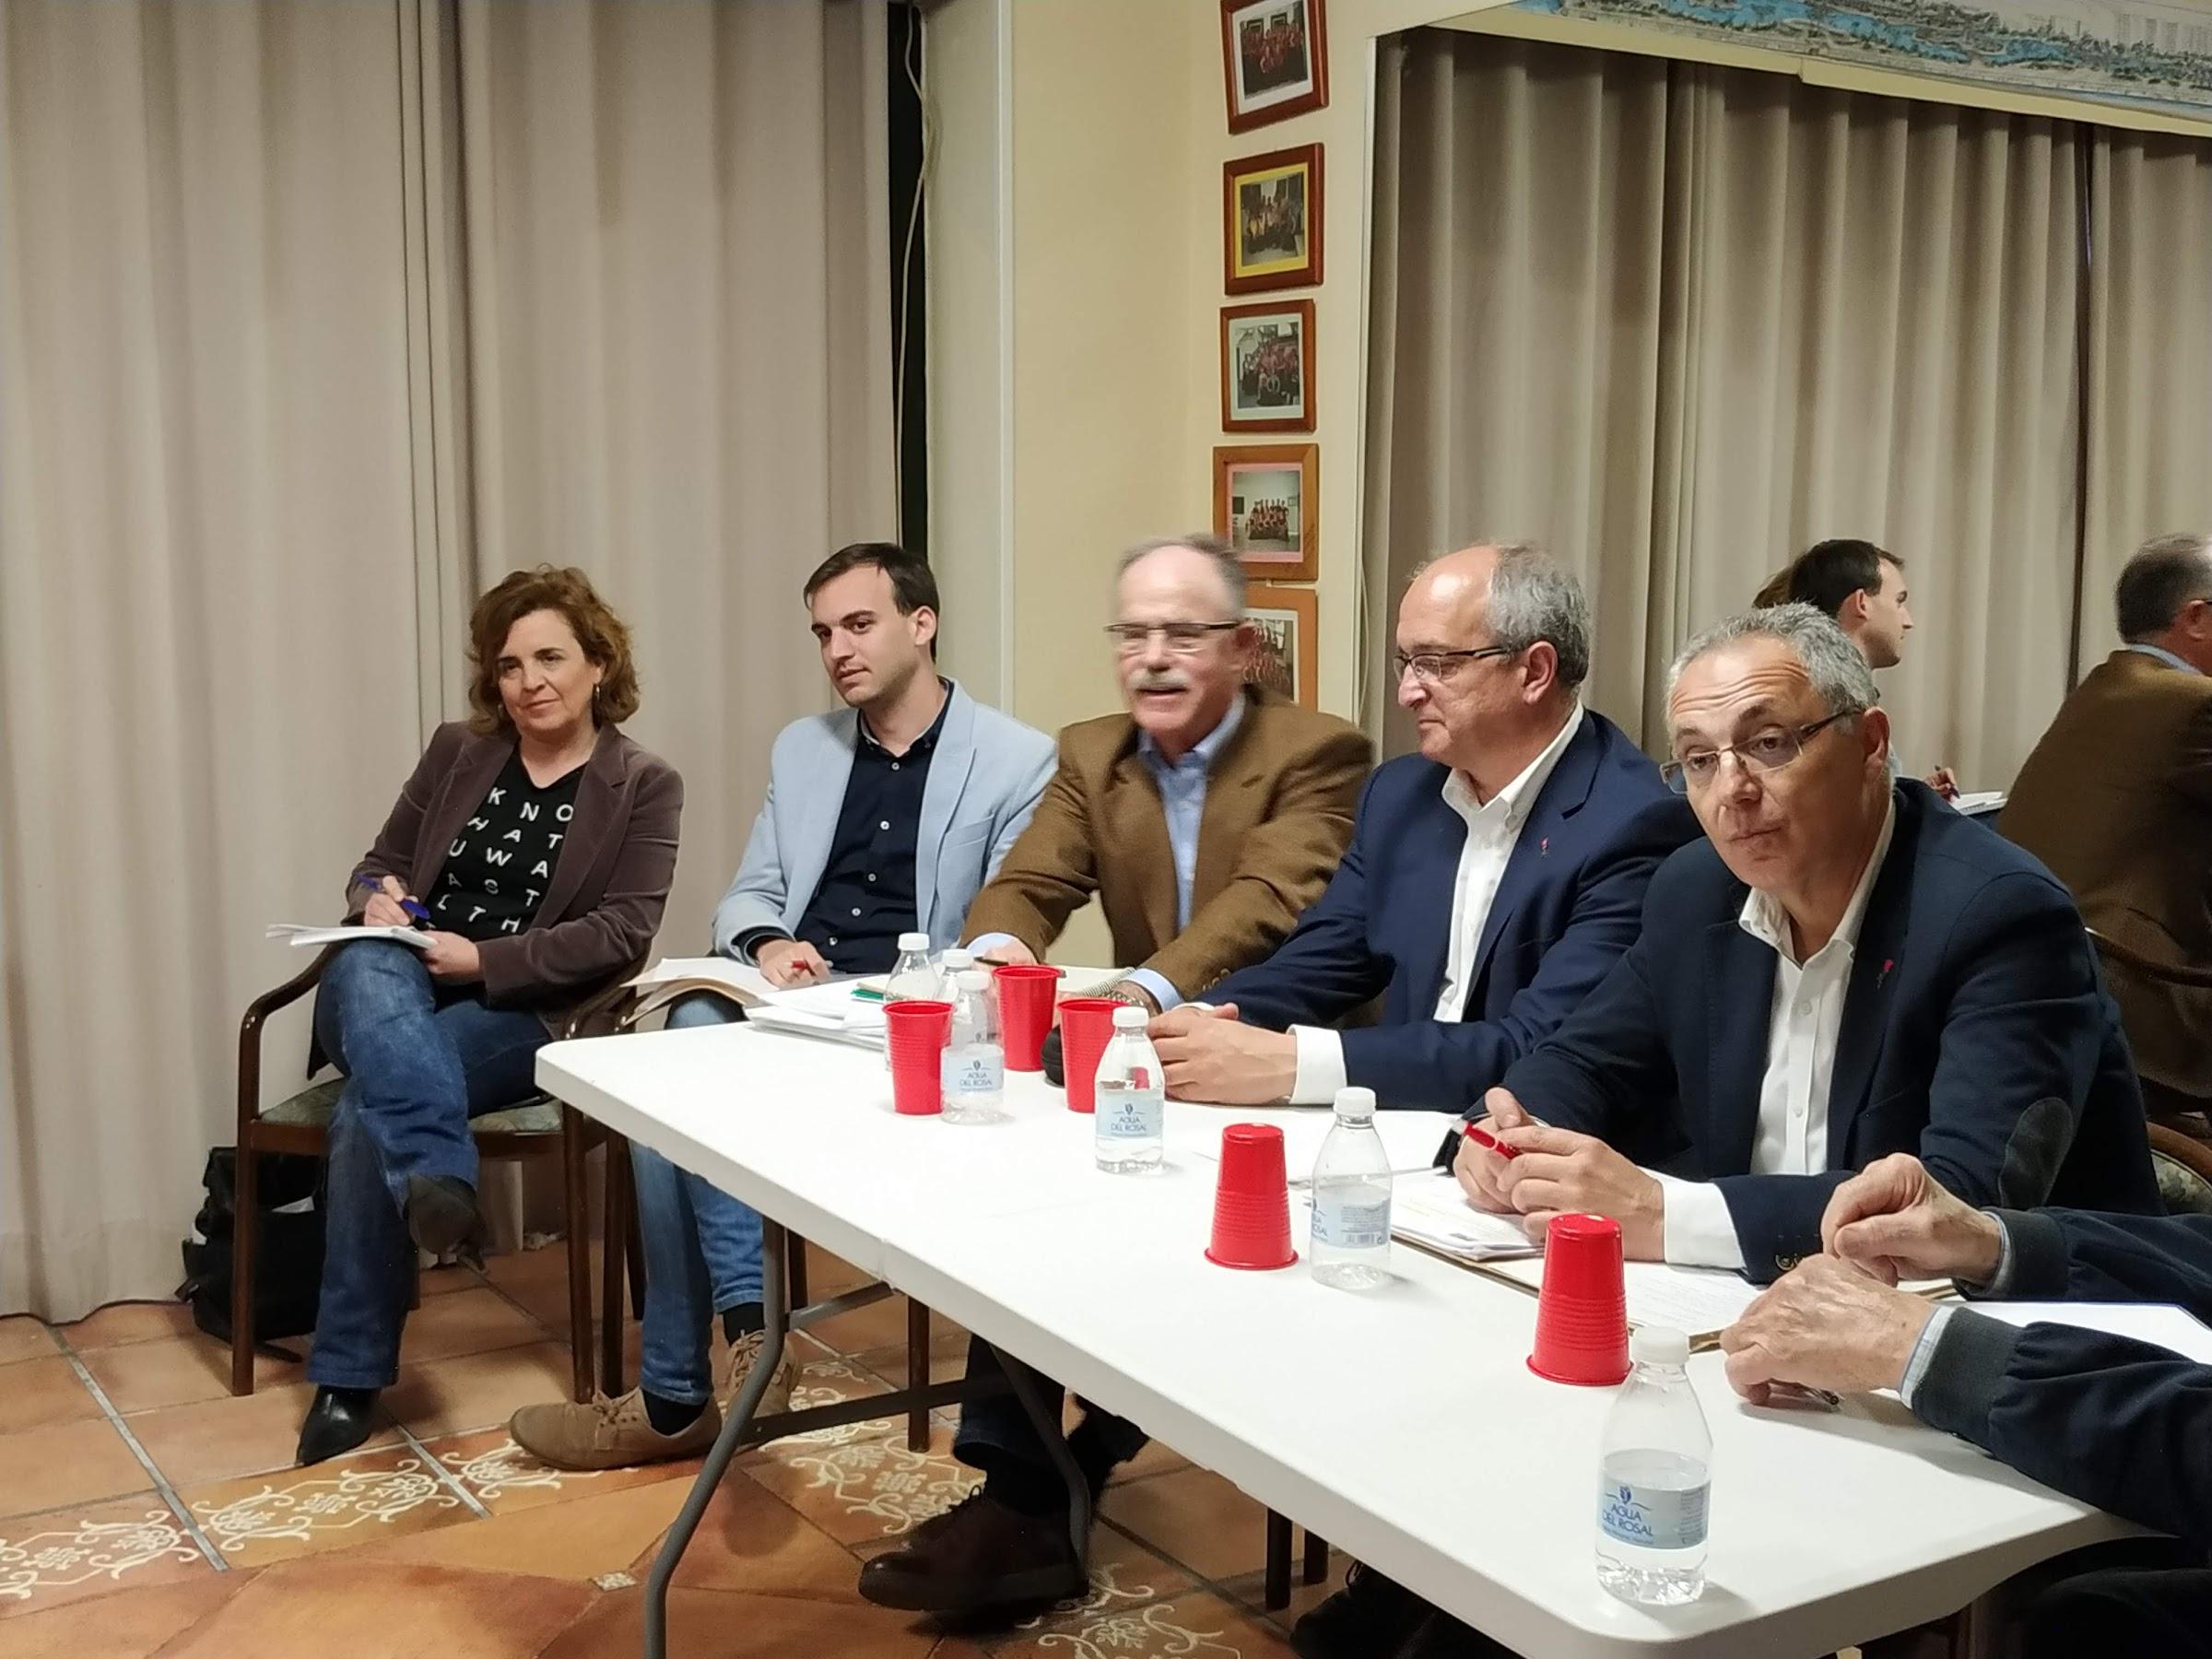 Las propuestas para mejorar Algeciras protagonizan la reunión entre el PSOE y Fapacsa